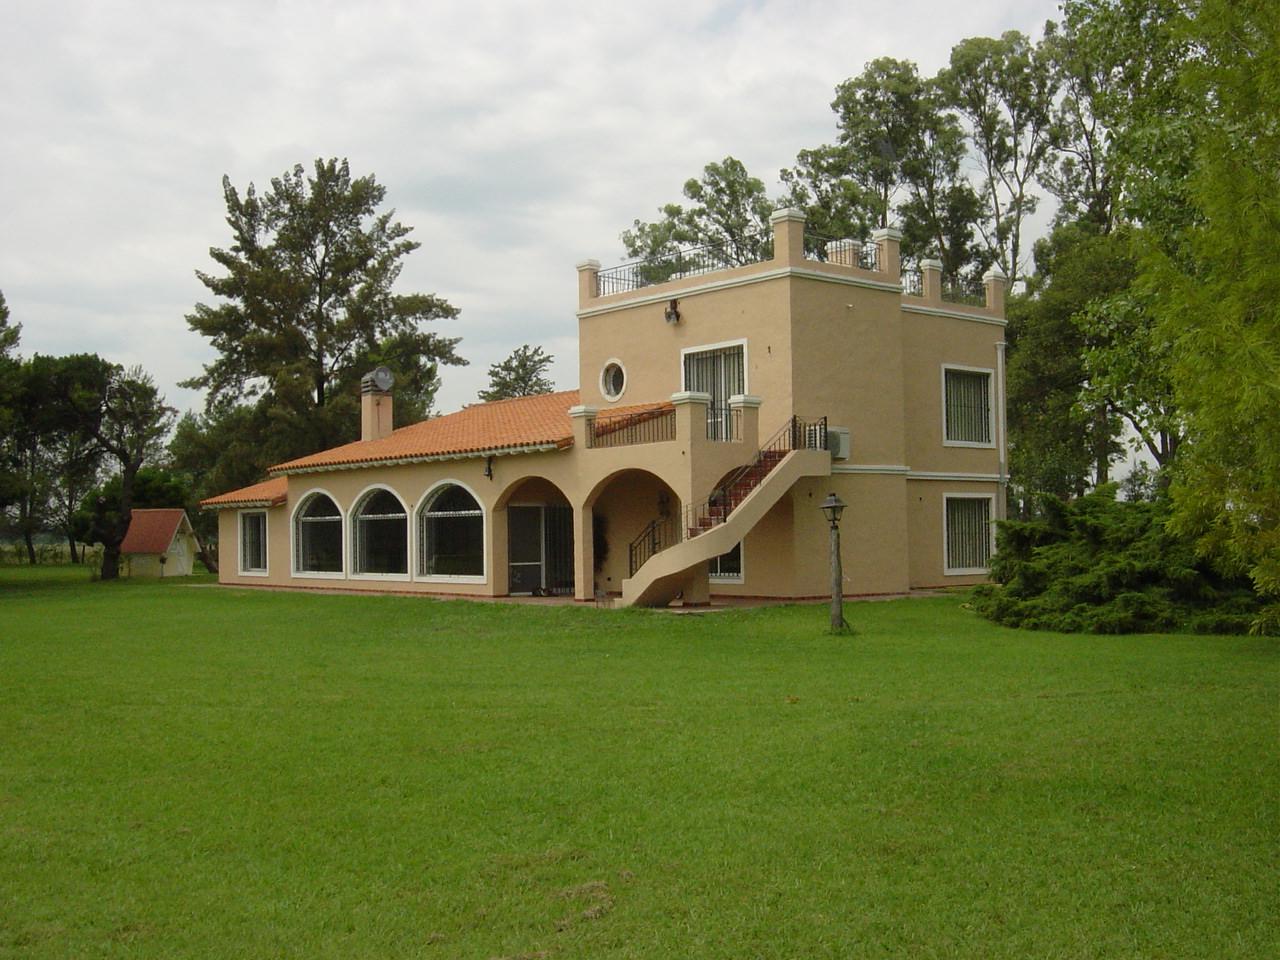 Construcci n de casa estilo campo en z rate obras for Construccion casas de campo